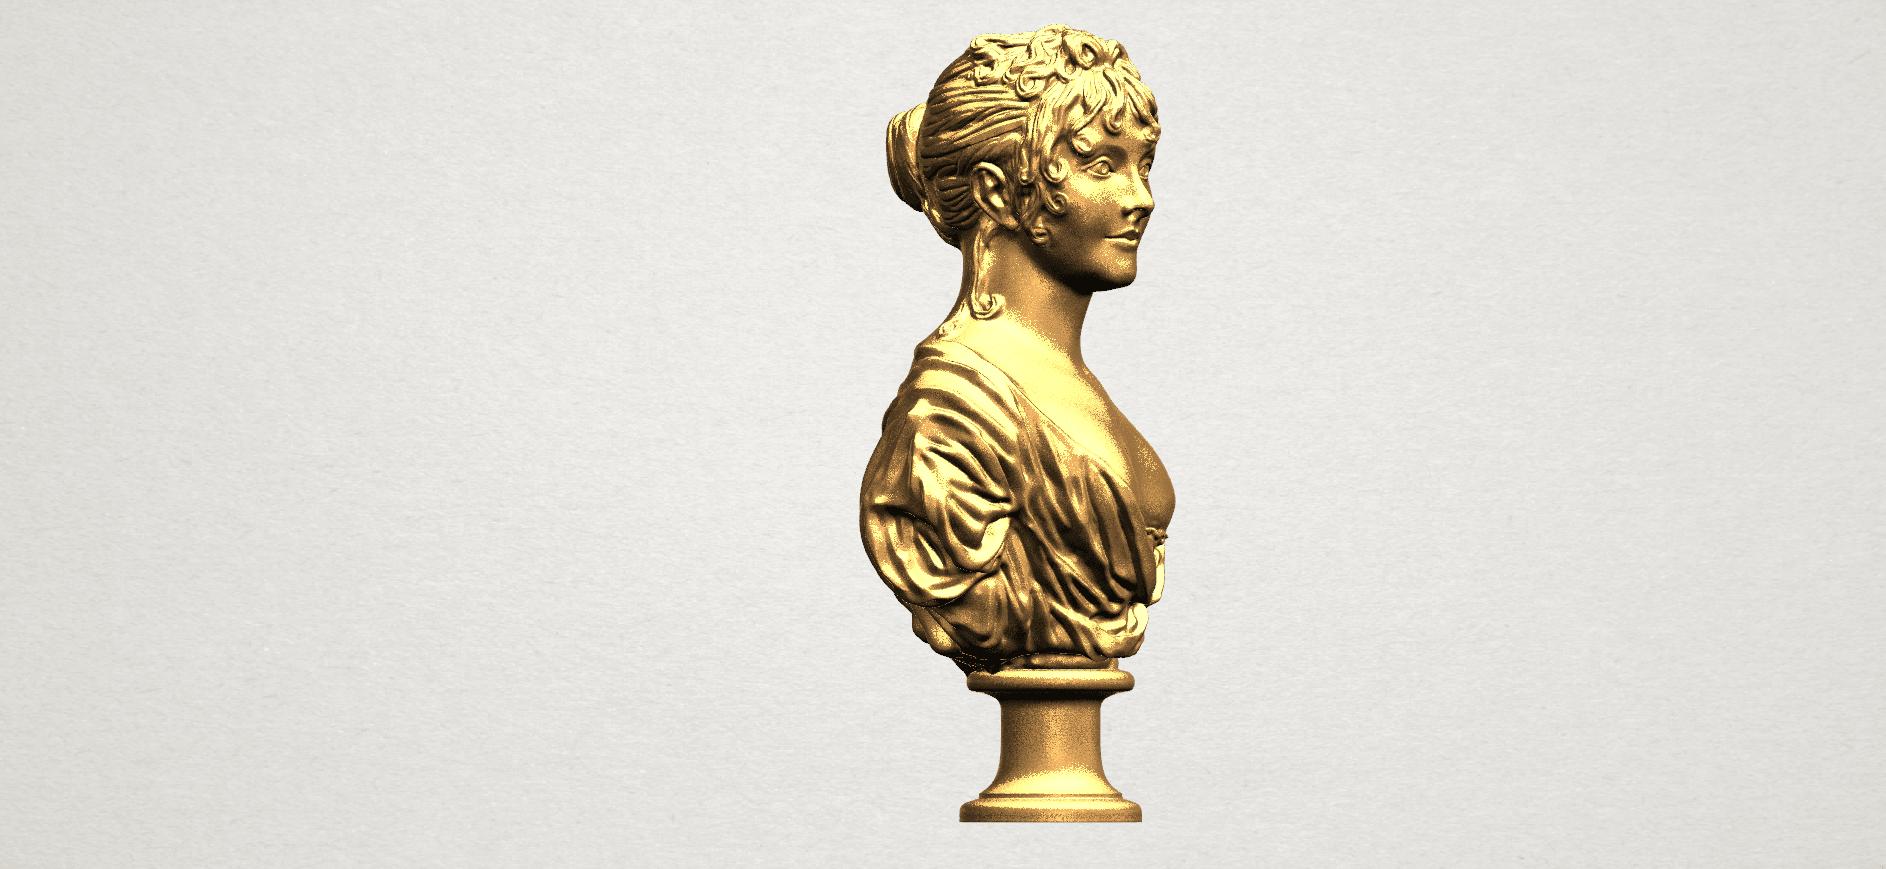 Bust of a girl 01 A06.png Télécharger fichier STL gratuit Buste d'une fille 01 • Modèle à imprimer en 3D, GeorgesNikkei